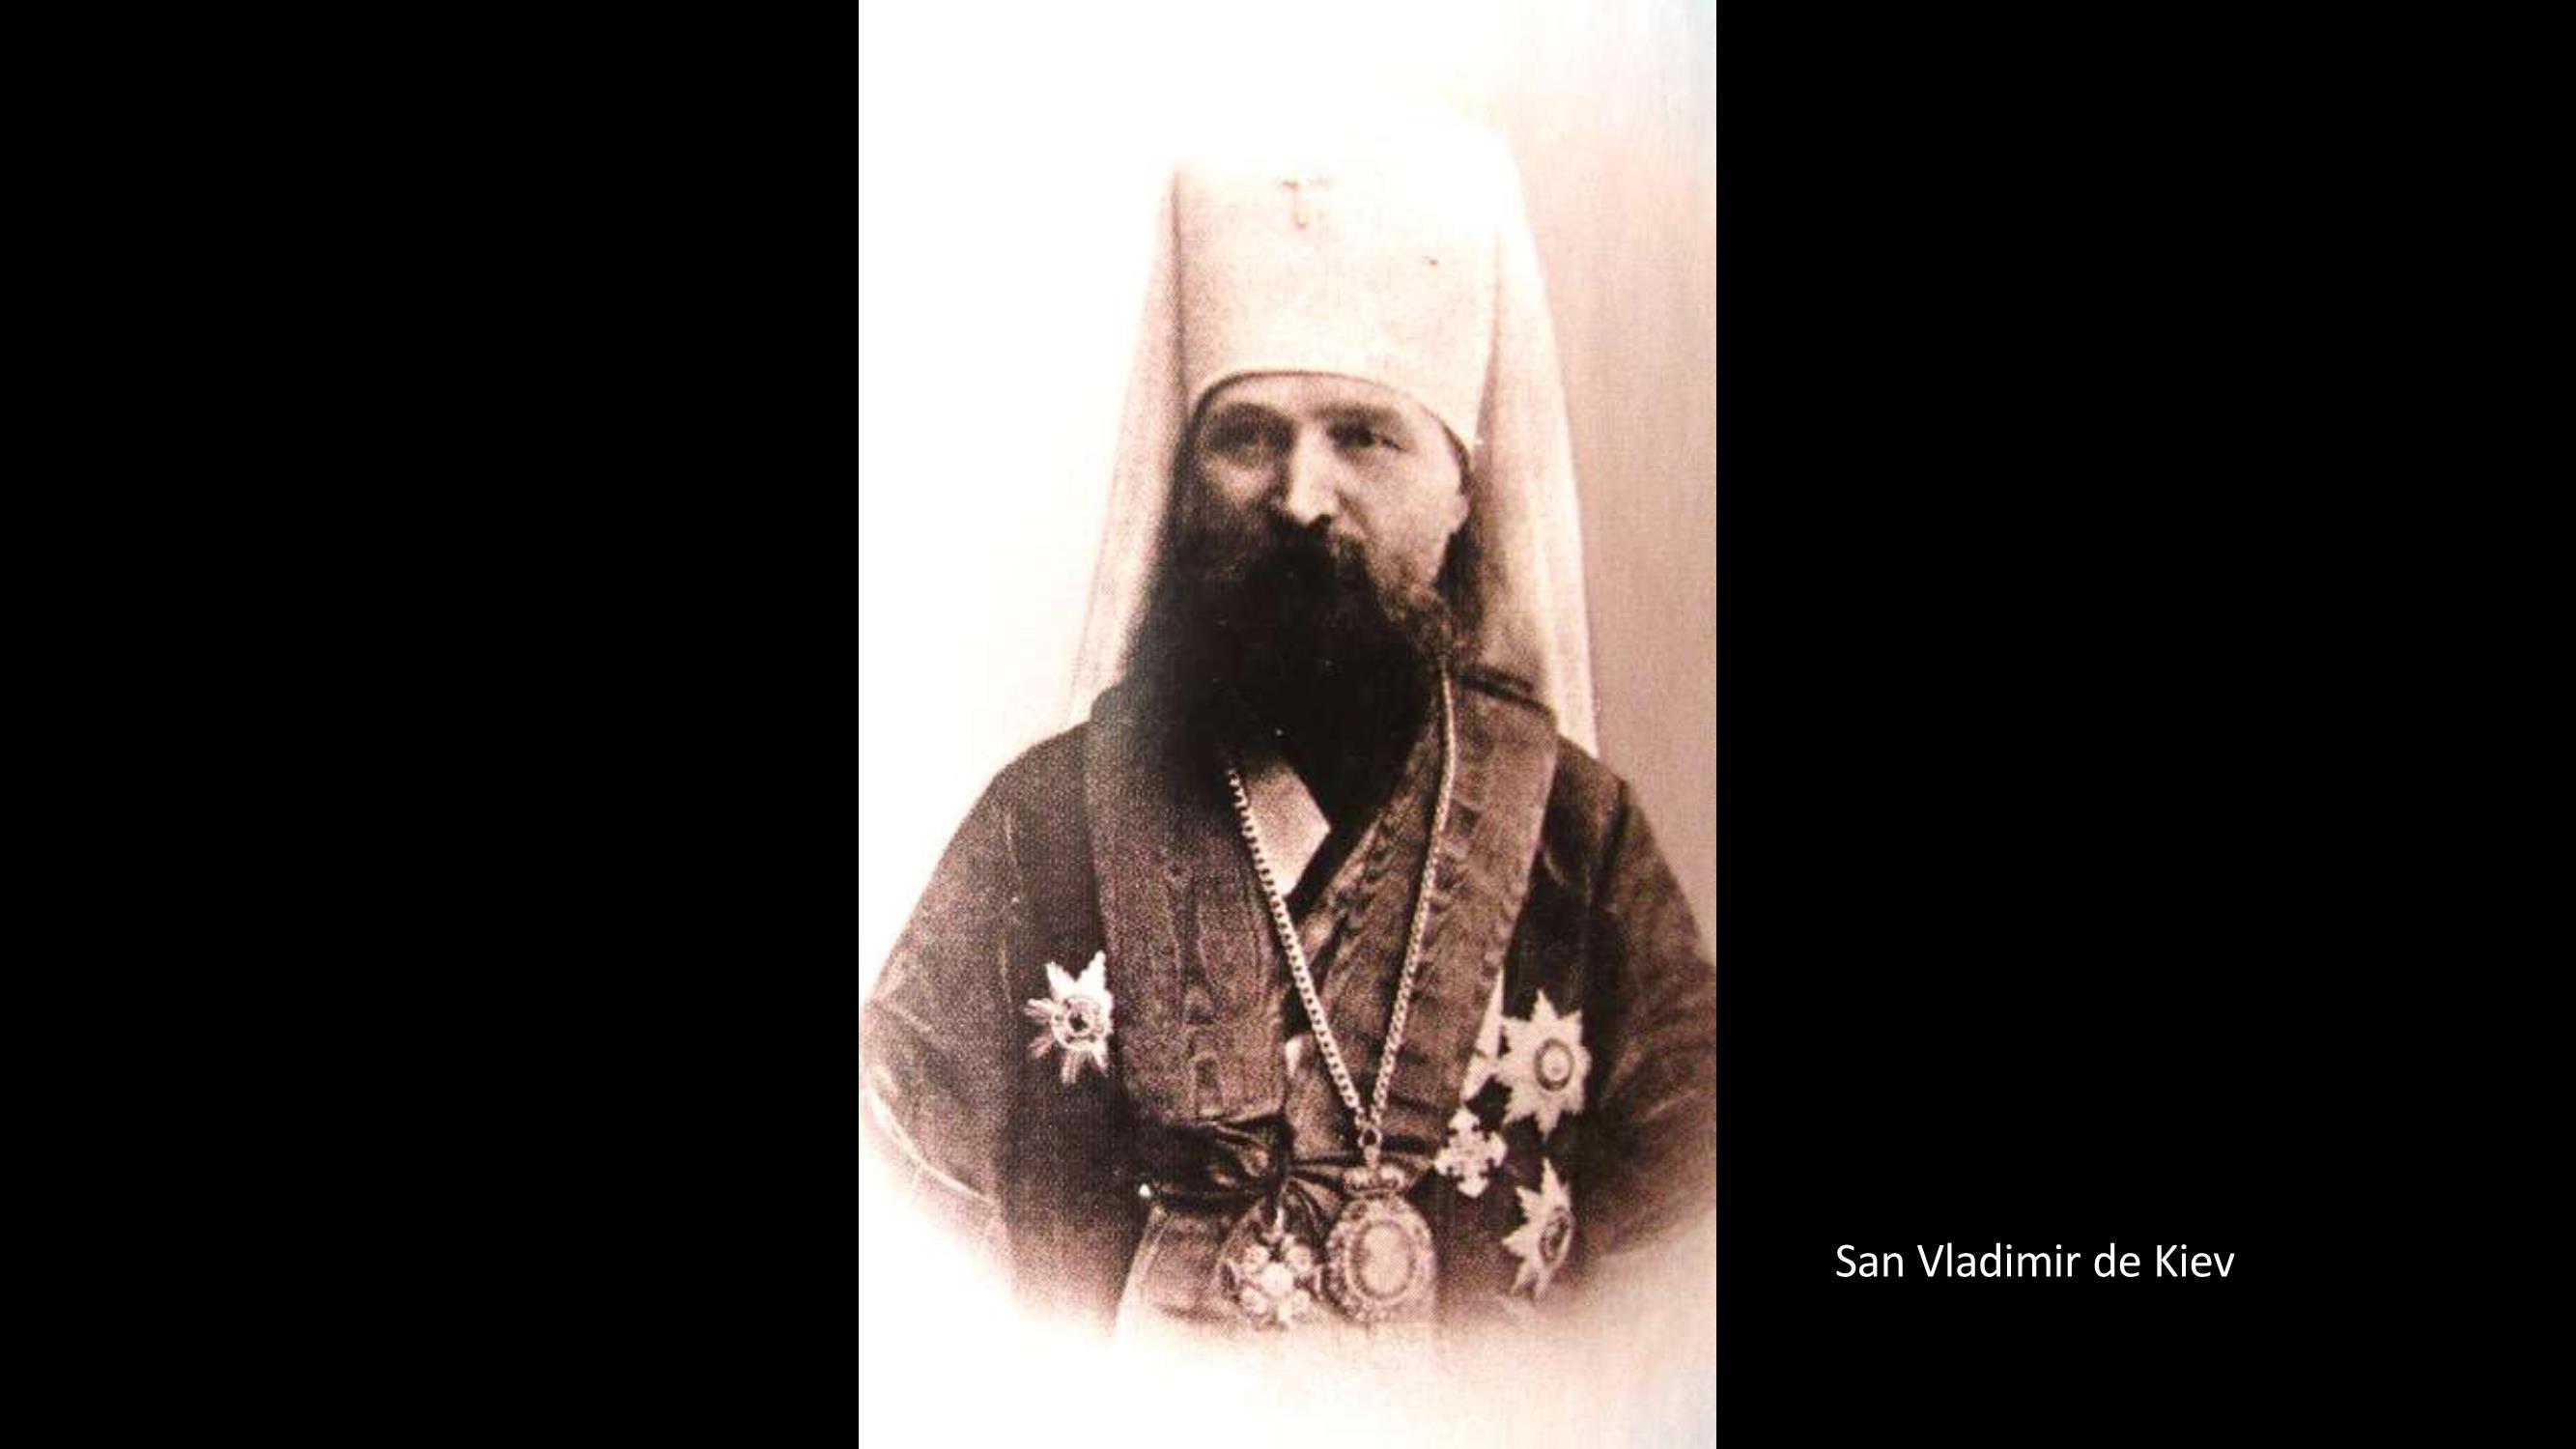 [28] San Vladimir, de Kiev